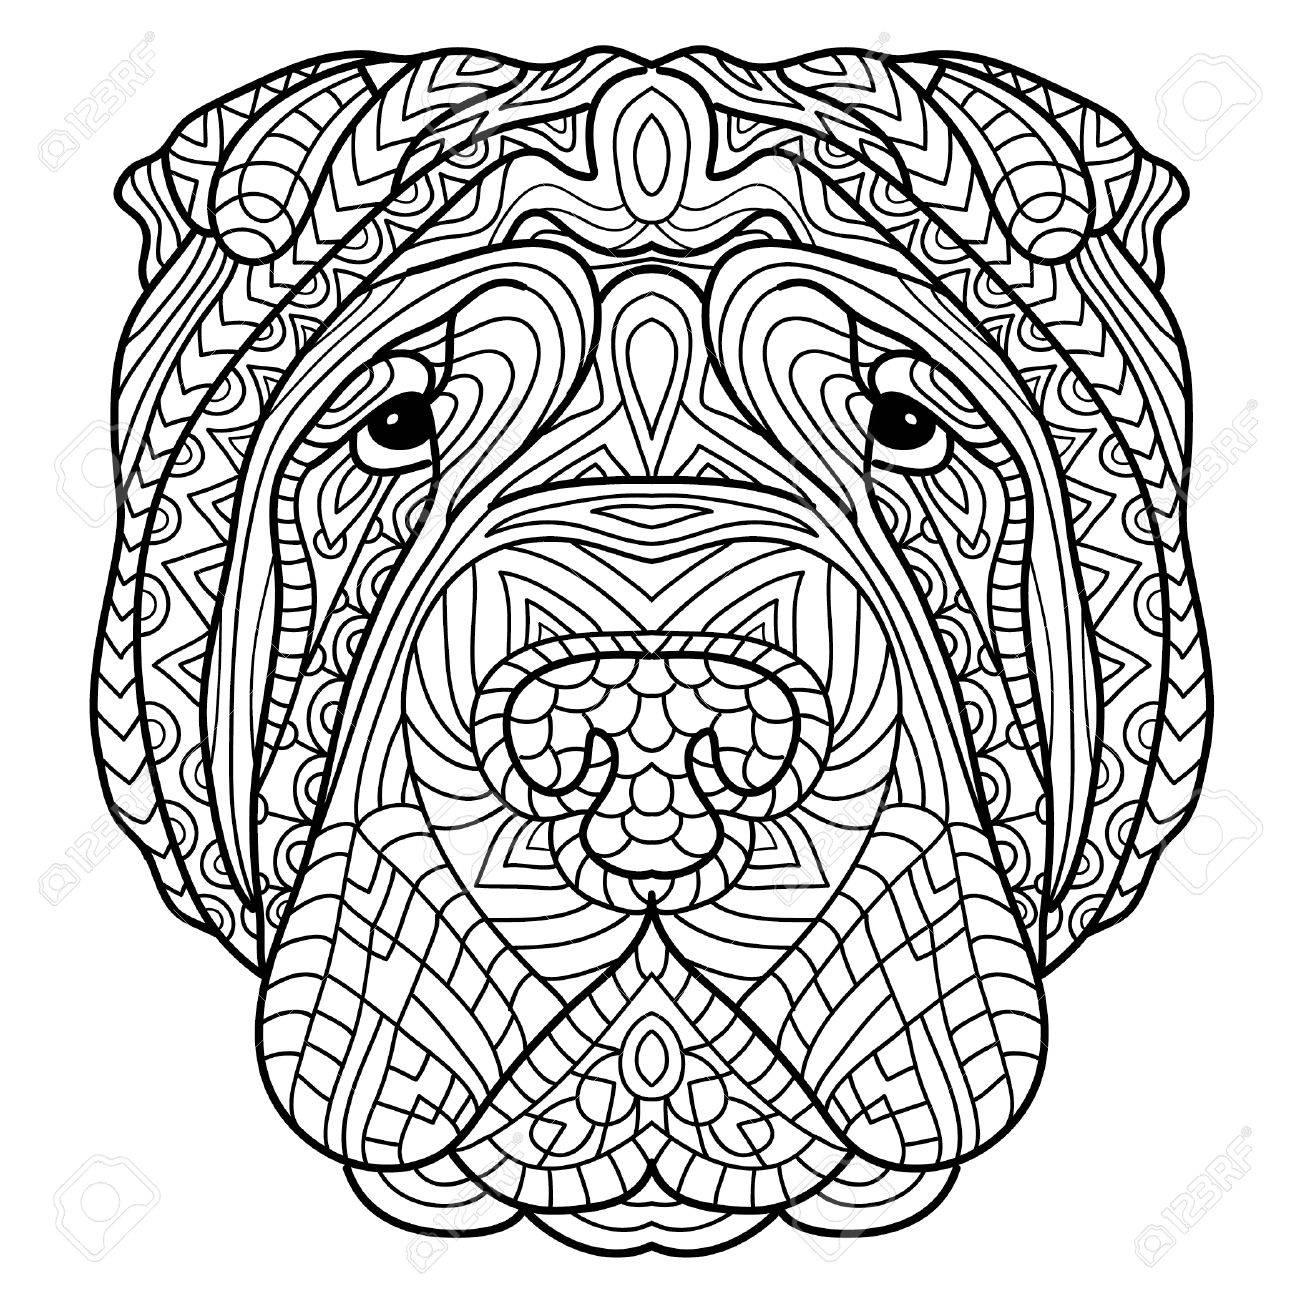 Libro De Colorear Para Adultos Libro De Perro La Cabeza De Un Perro Sharpay Con Patrón Tribal